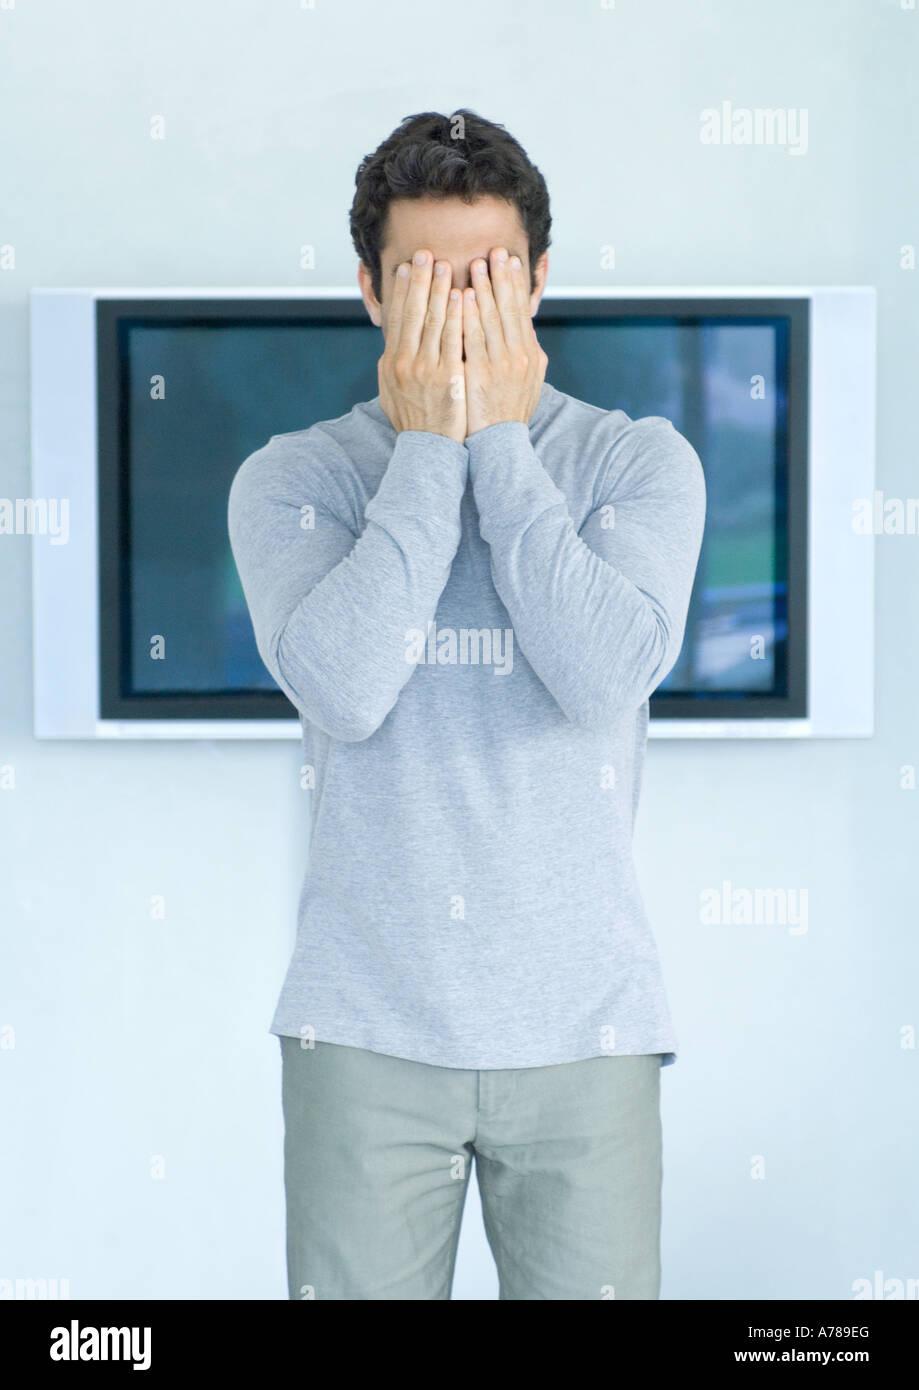 Mann stand vor Breitbild-TV, Hände, Gesicht Stockbild